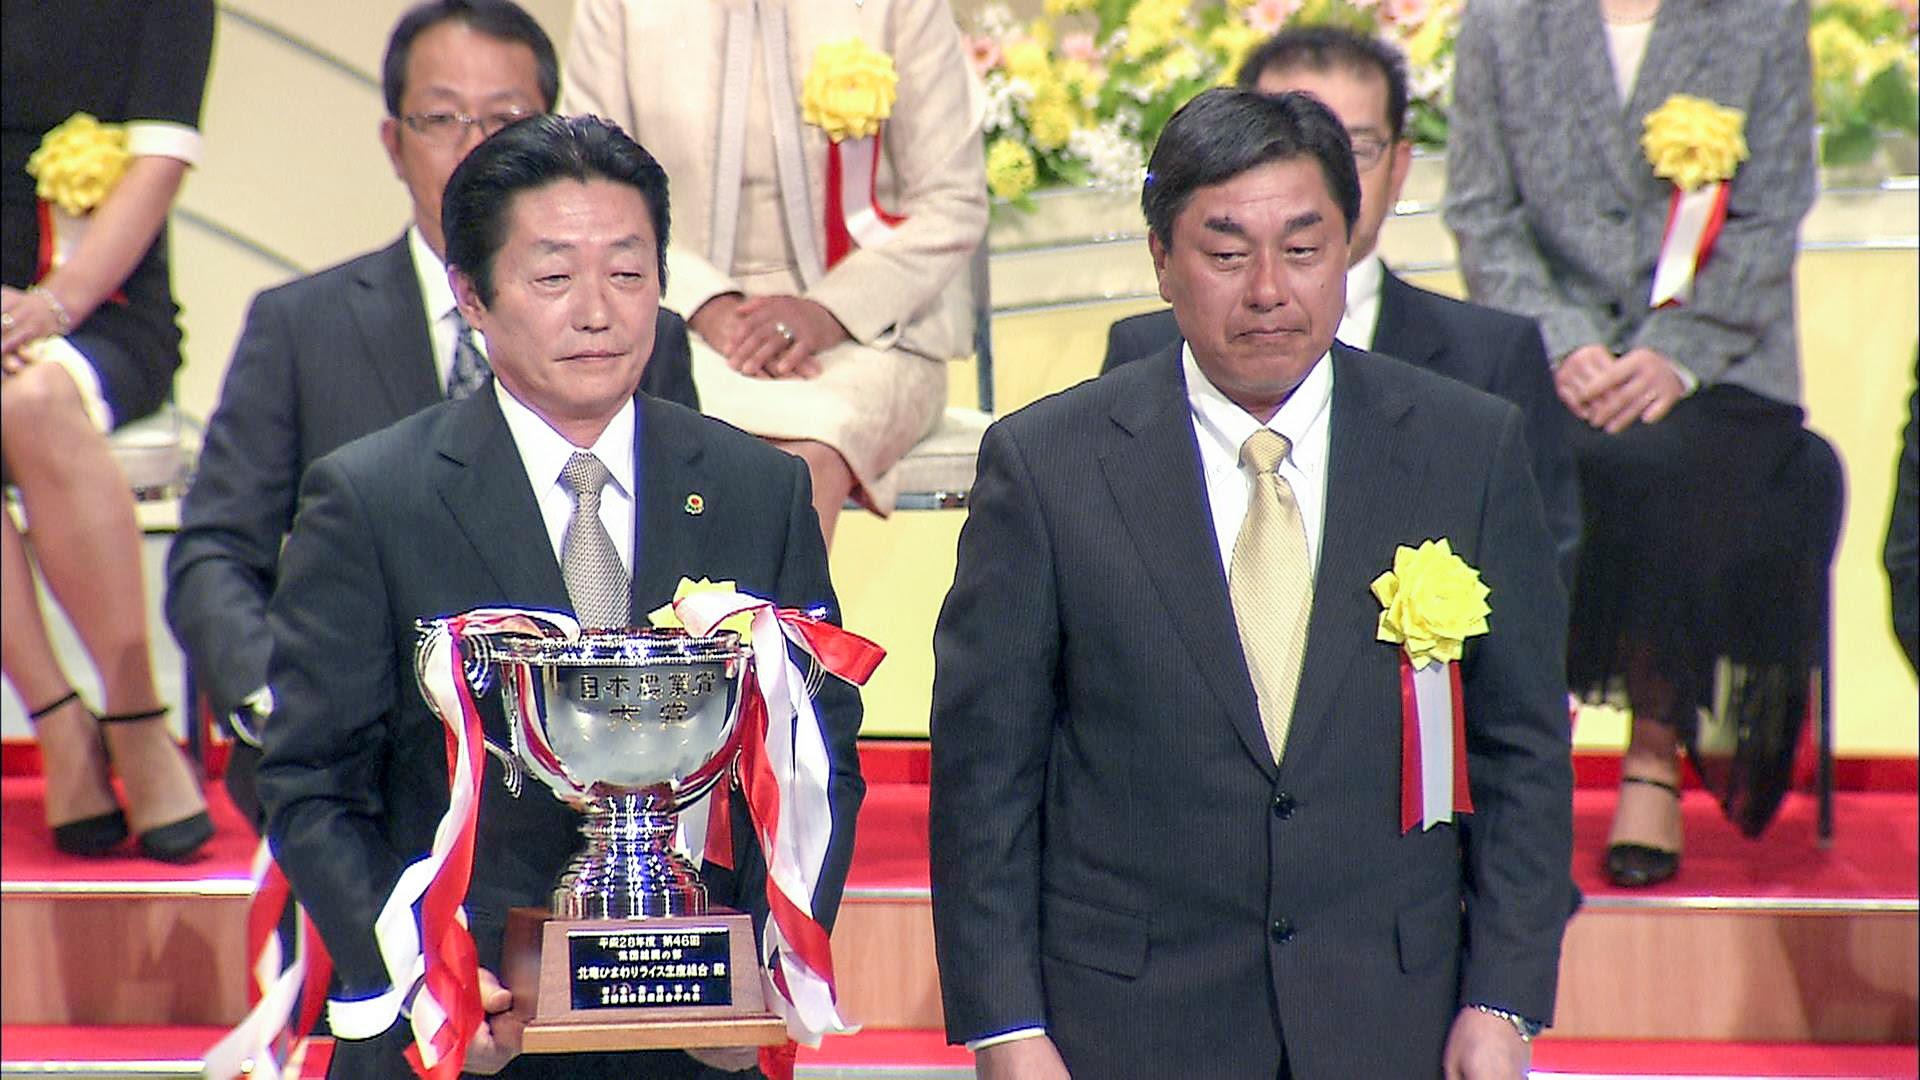 第46回日本農業賞大賞受賞(2017年大賞受賞)写真提供NHK